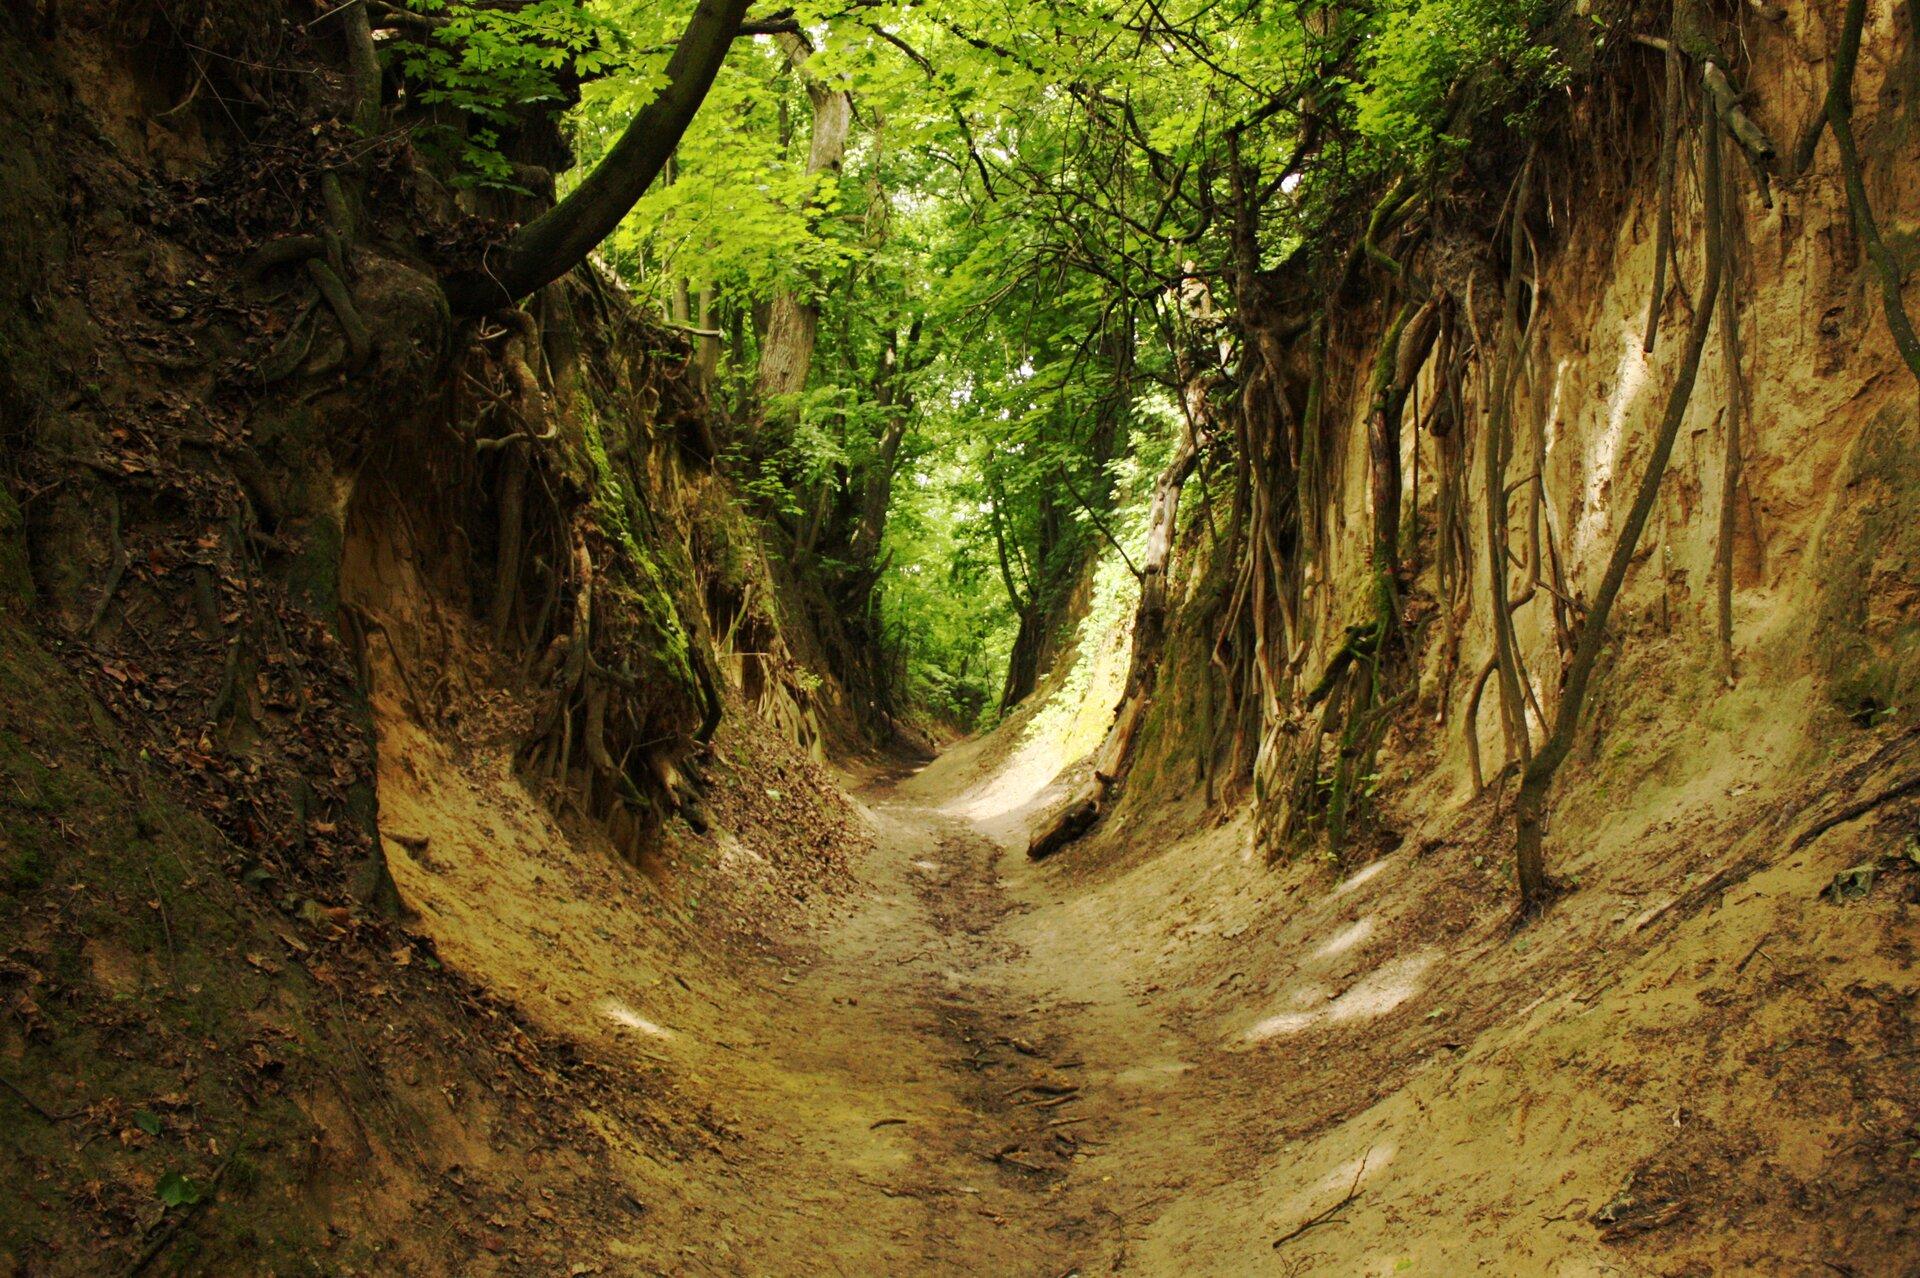 Zdjęcie wklęsłej formy terenu obardzo stromych iwąskich stokach, jest to wąwóz. Na brzegach wąwozu widoczne są odkryte korzenie drzew, które rosną na górze wąwozu.